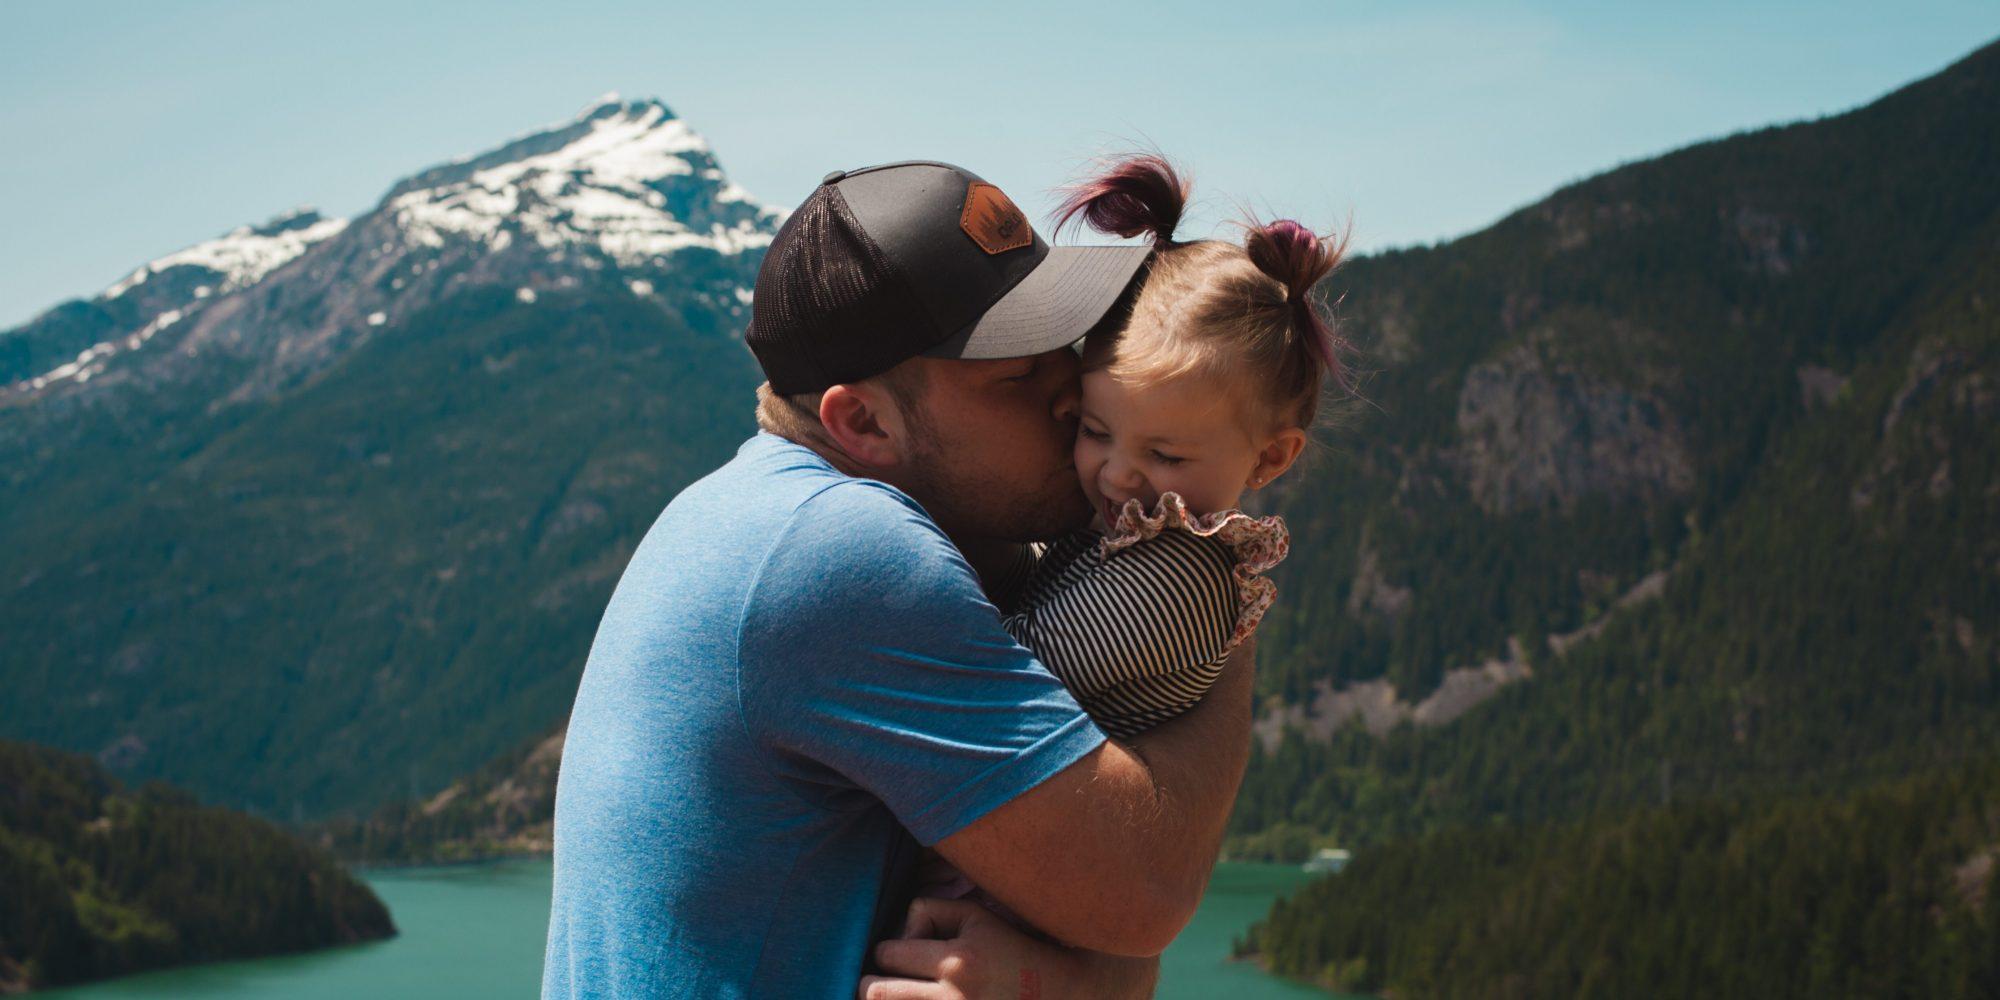 Οι 4 τύποι μπαμπάδων που χρειάζονται τα παιδιά Ένας μπαμπάς εξομολογείται.